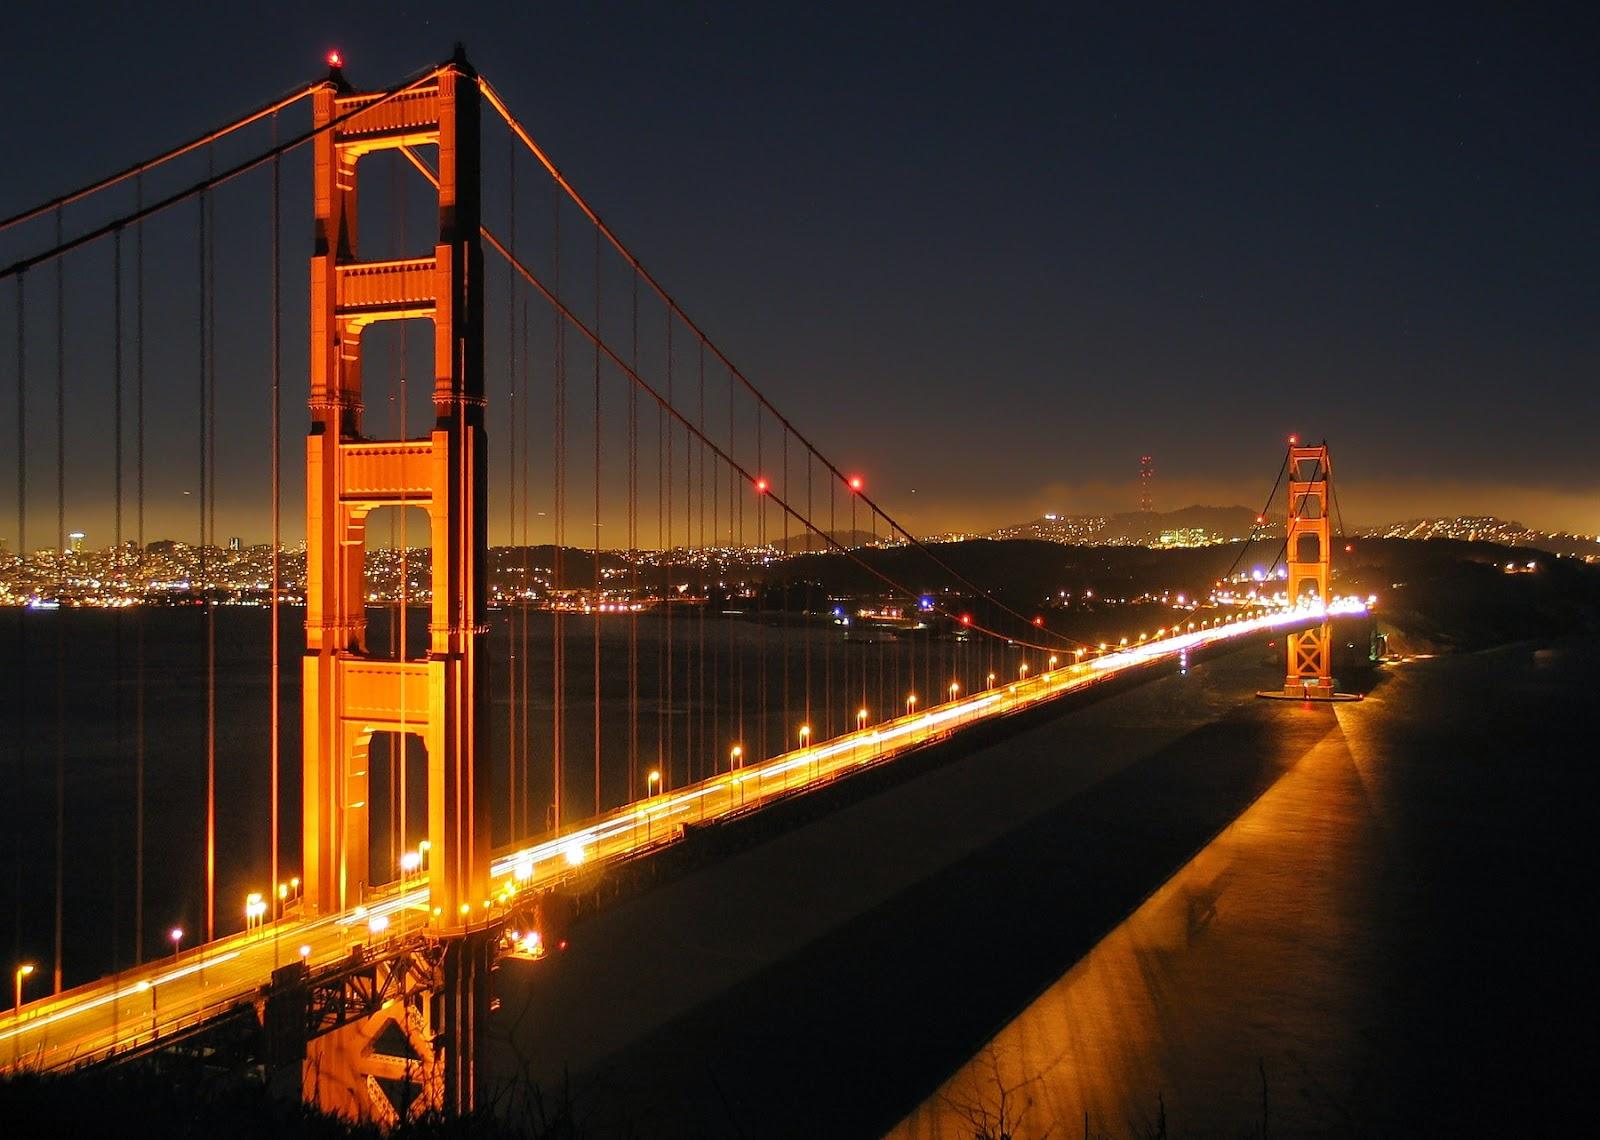 Golden Gate Bridge,SanFrancisco